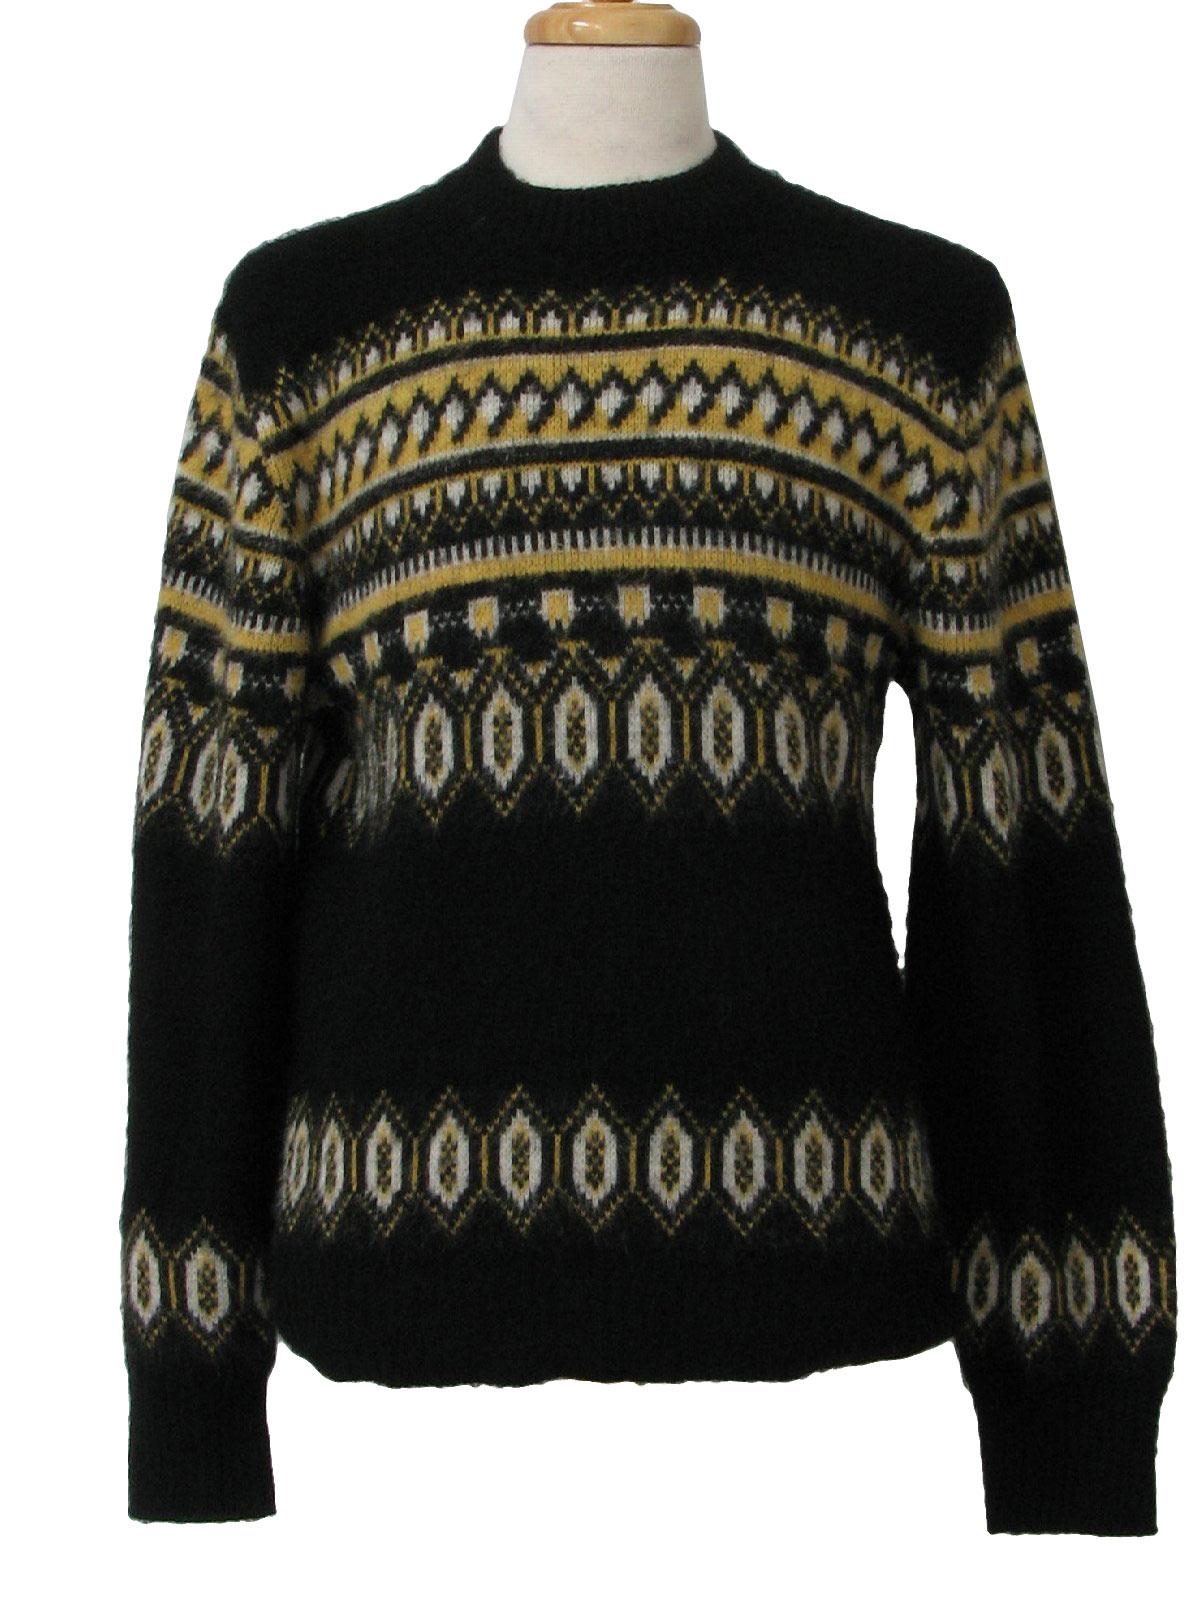 Velvety Sweater Material Crossword Clue 47